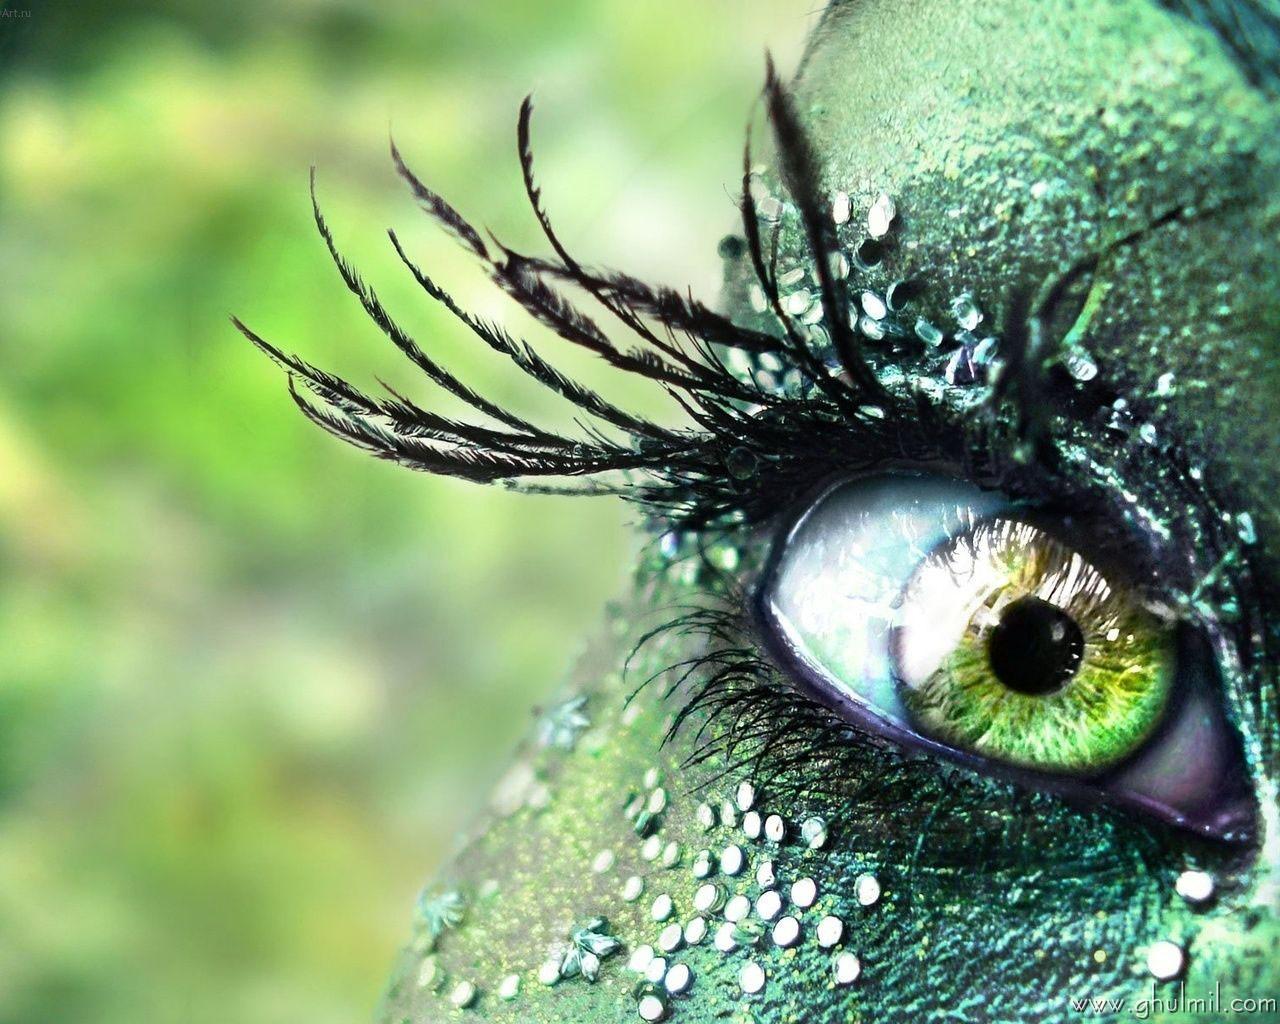 http://1.bp.blogspot.com/-rb0CjHAjWMY/TllCrPpssdI/AAAAAAAADfo/1Jl8cpvskpA/s1600/beautiful--3d-hd-eye-Desktopwallpaper.jpg